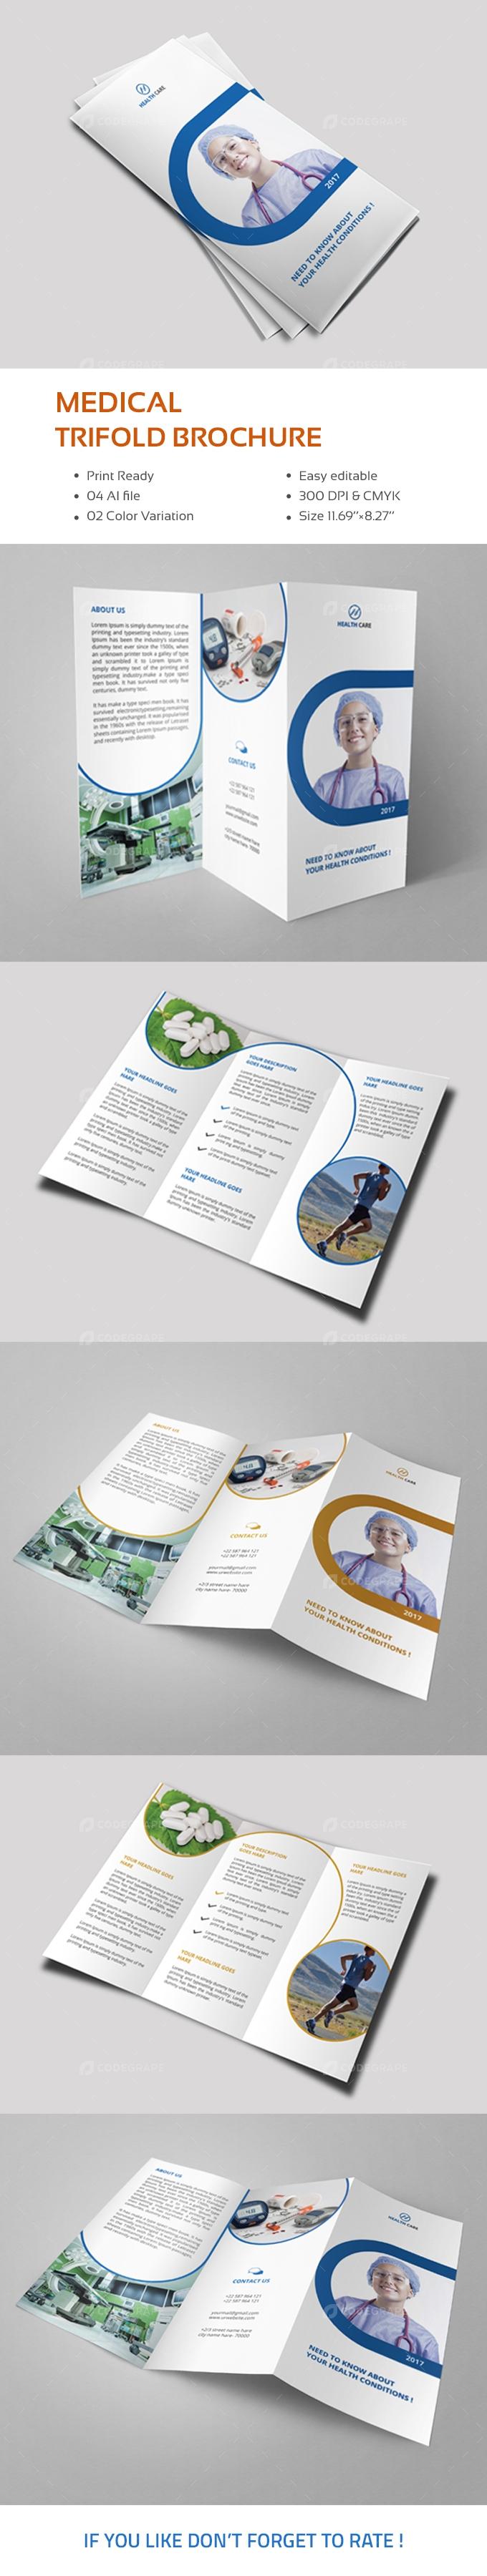 Medical Tri-Fold Brochure